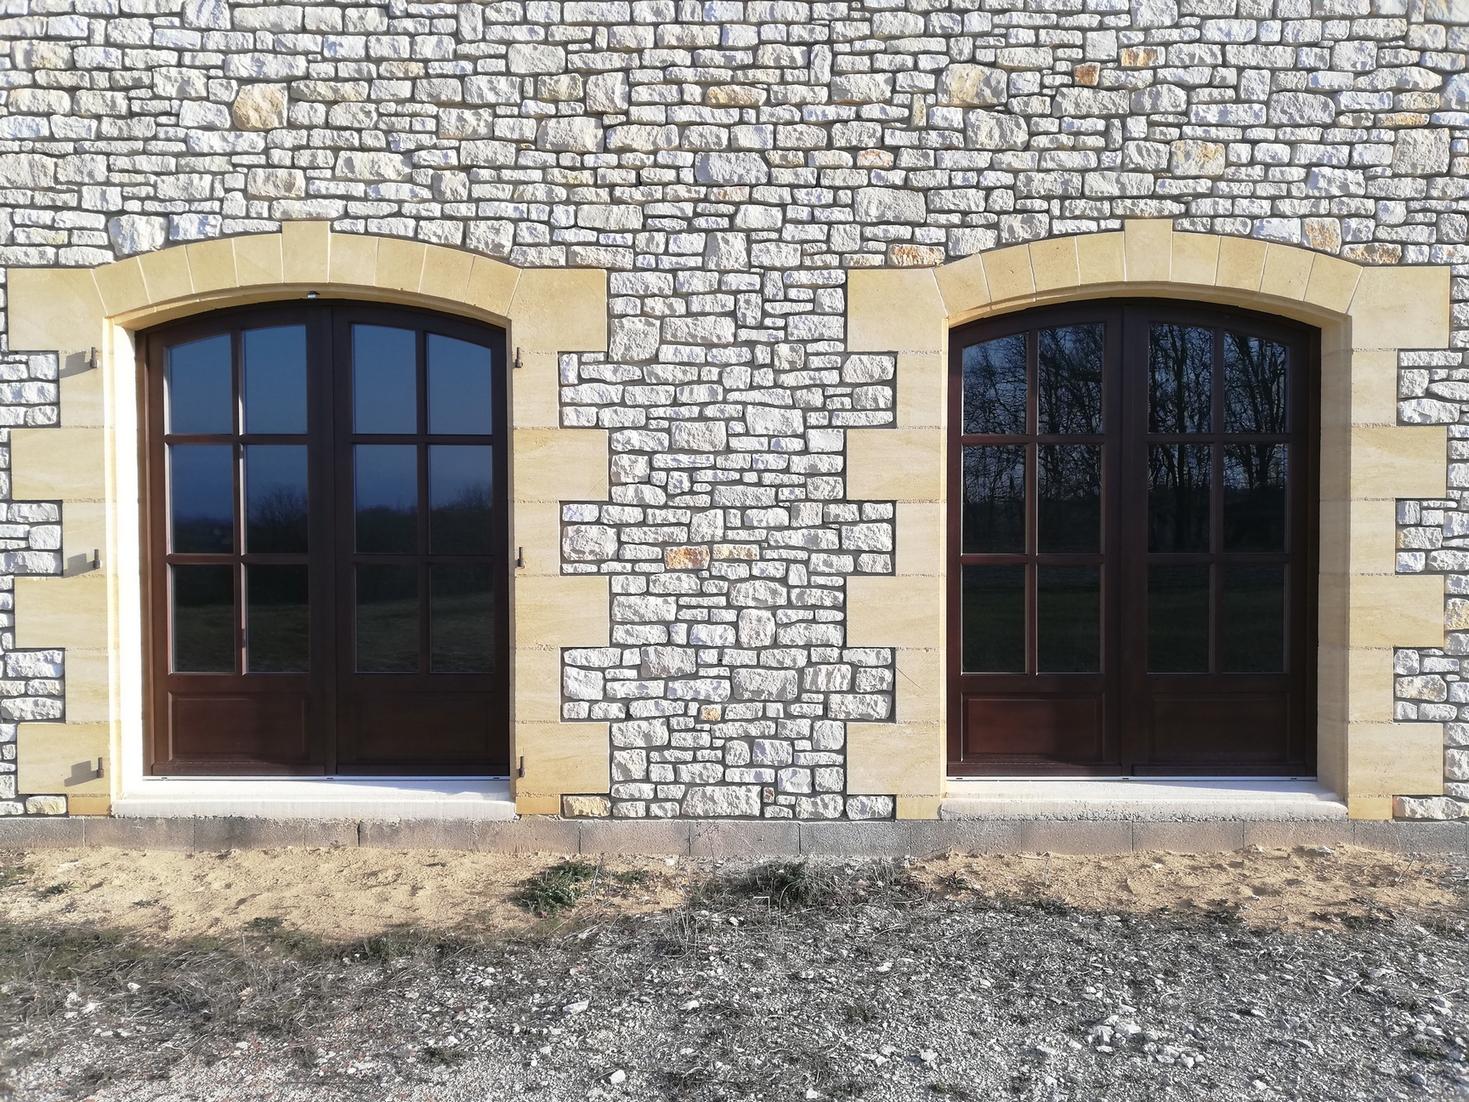 Portes-fenêtres en bois exotique, lasure foncée, avec cintre surbaissé et petits bois mortaisés